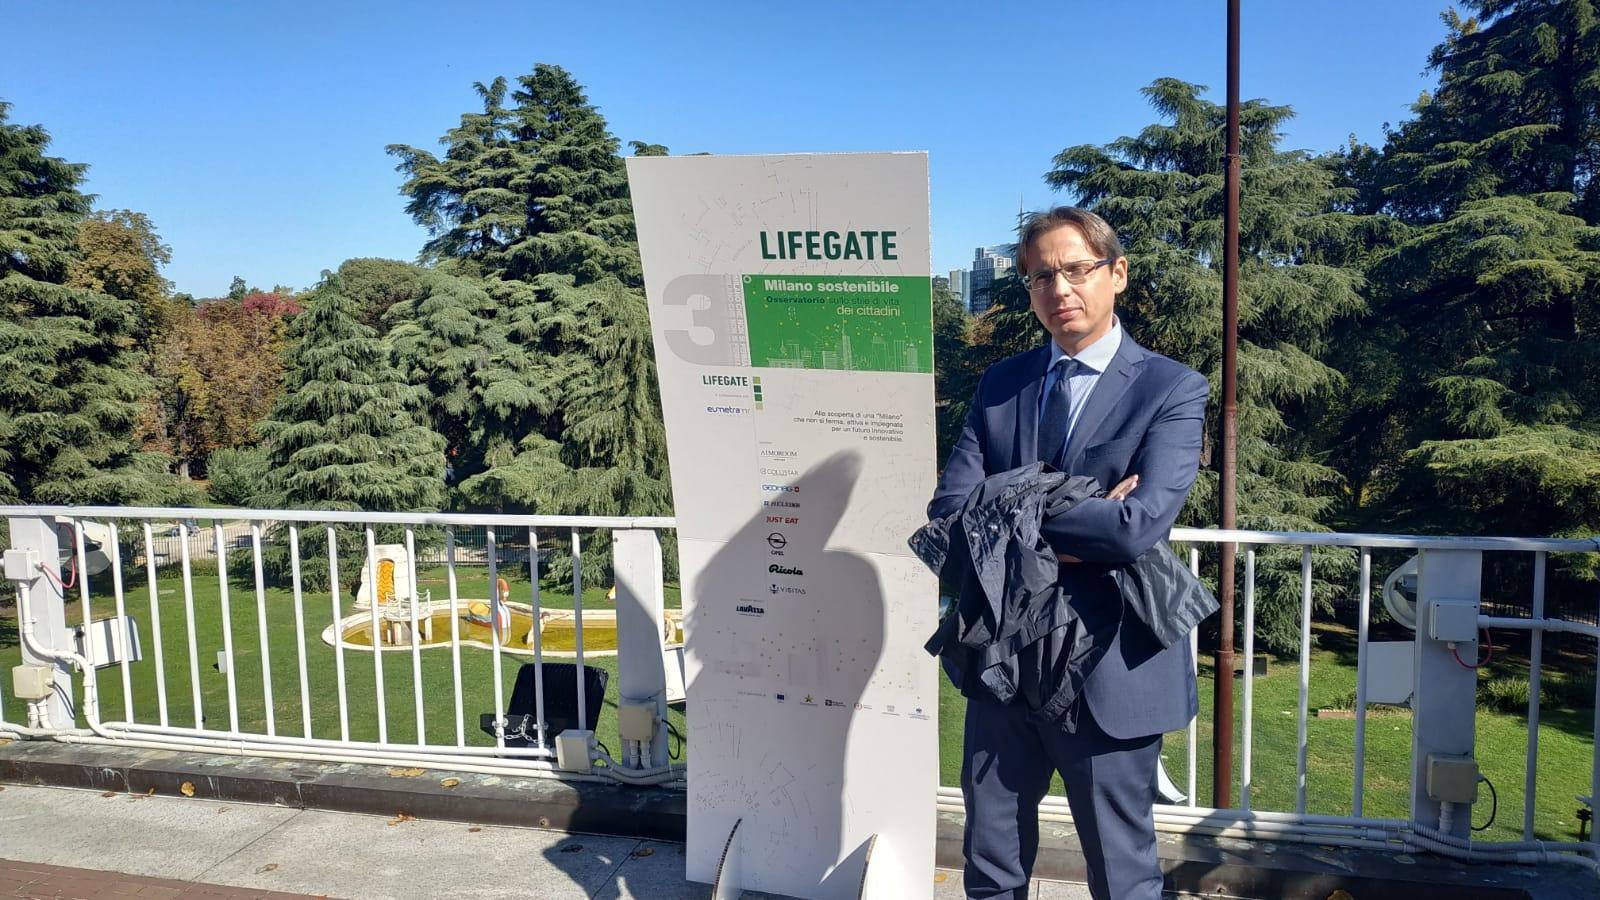 Milano Sostenibile: i milanesi credono nella sostenibilità